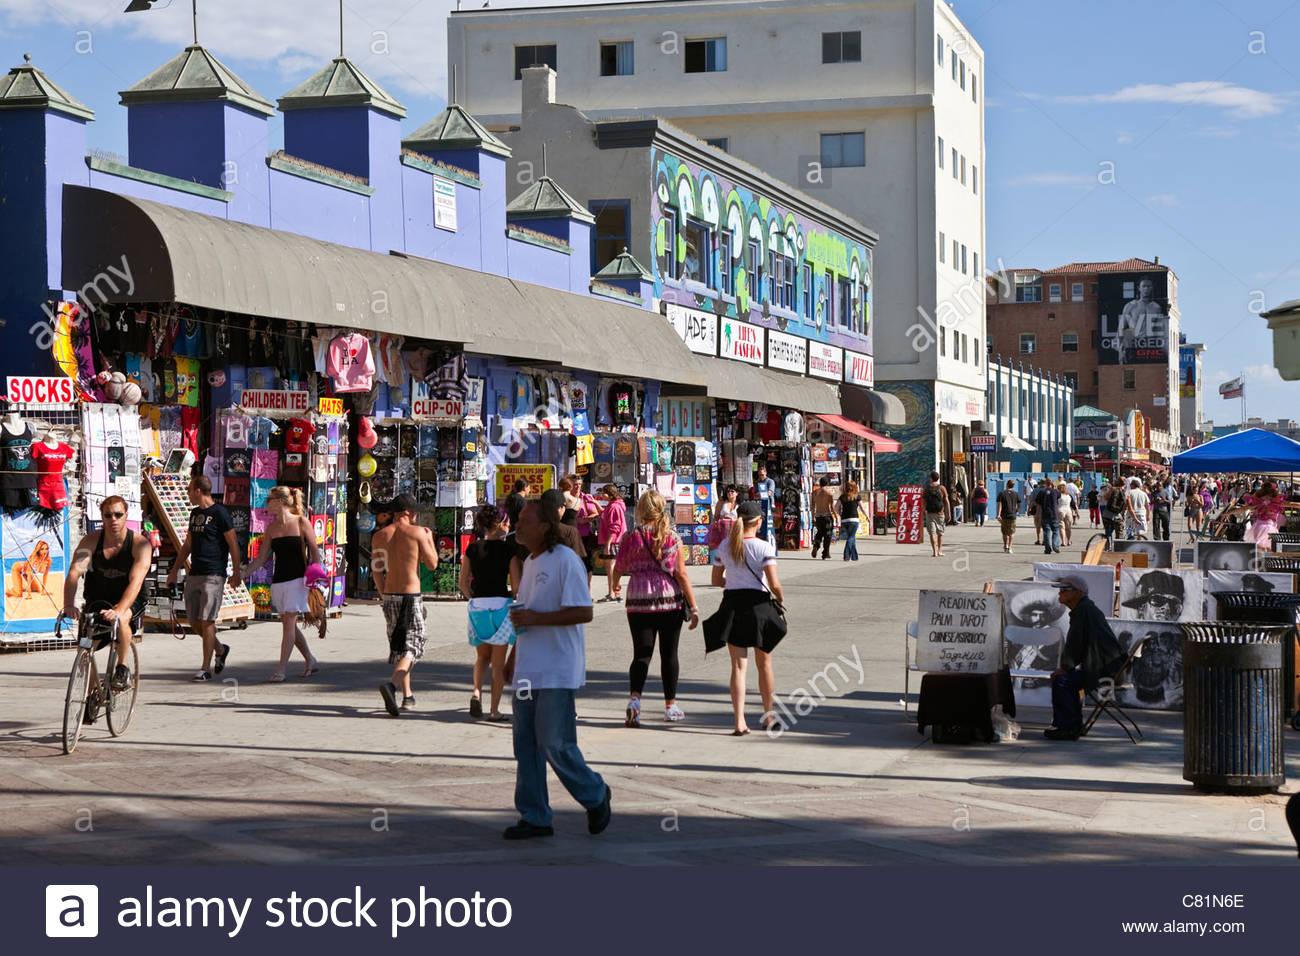 Redaktionelle Foto von der bunten Venice Beach Boardwalk in Südkalifornien. Stockbild